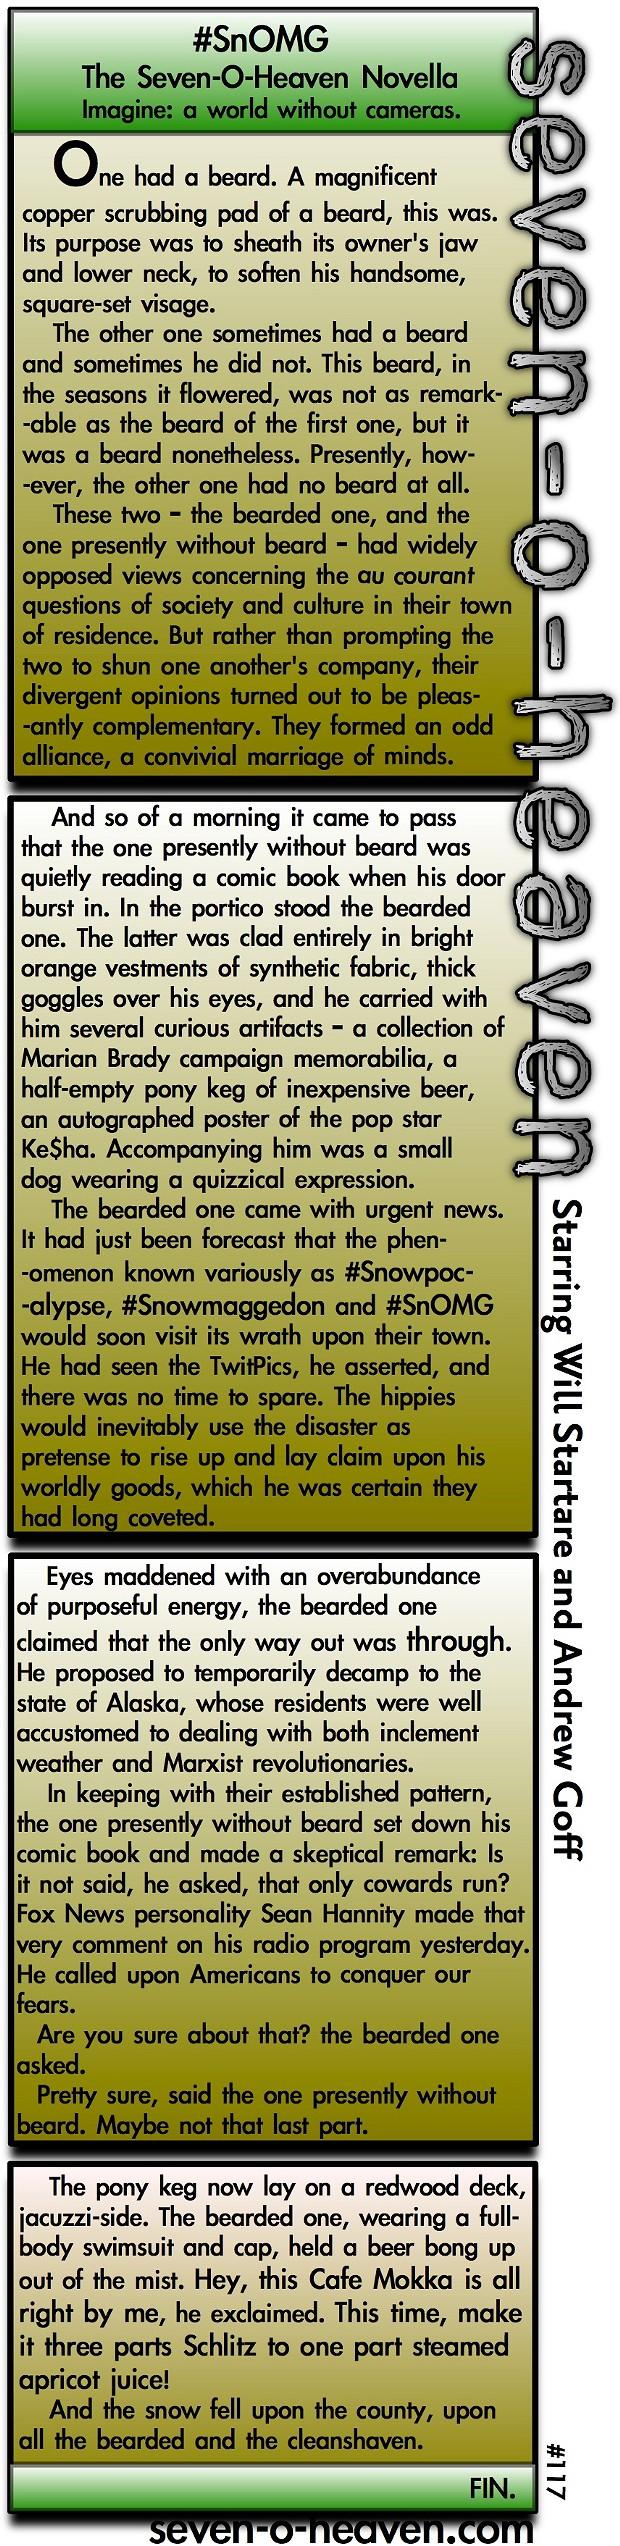 SnOMG: A Novella